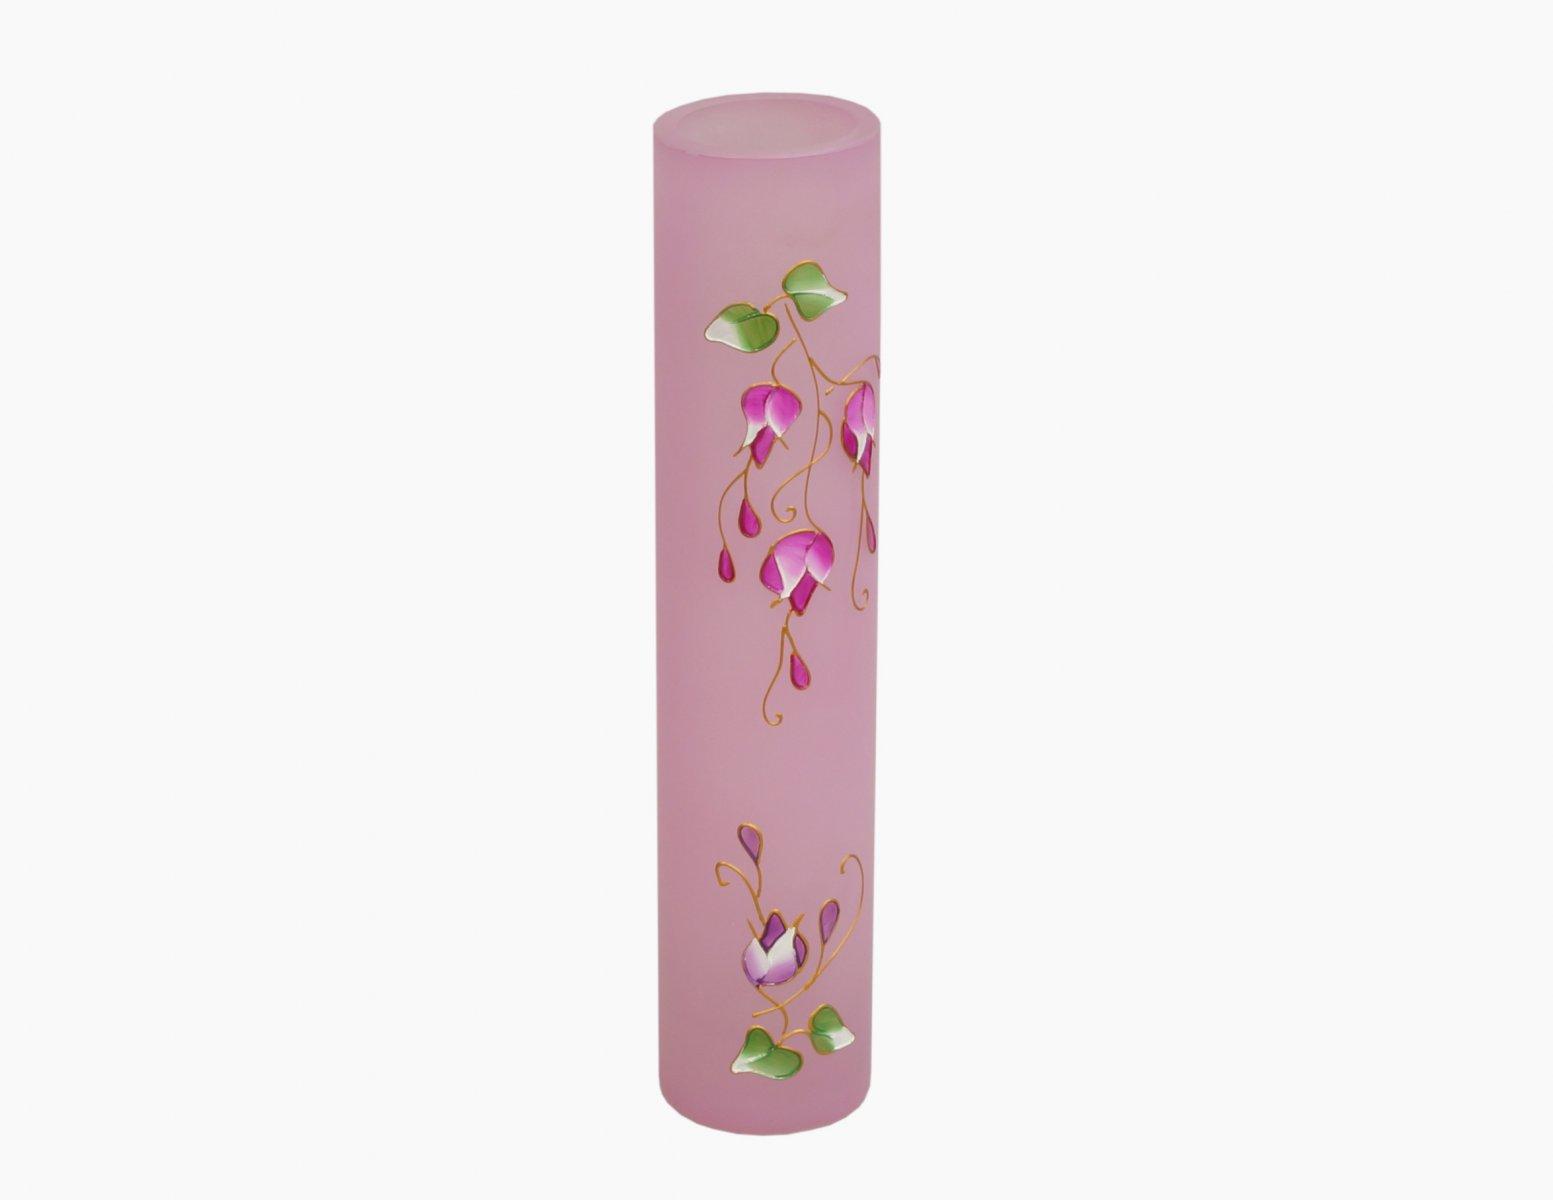 Wazon szklany ręcznie malowany różowy